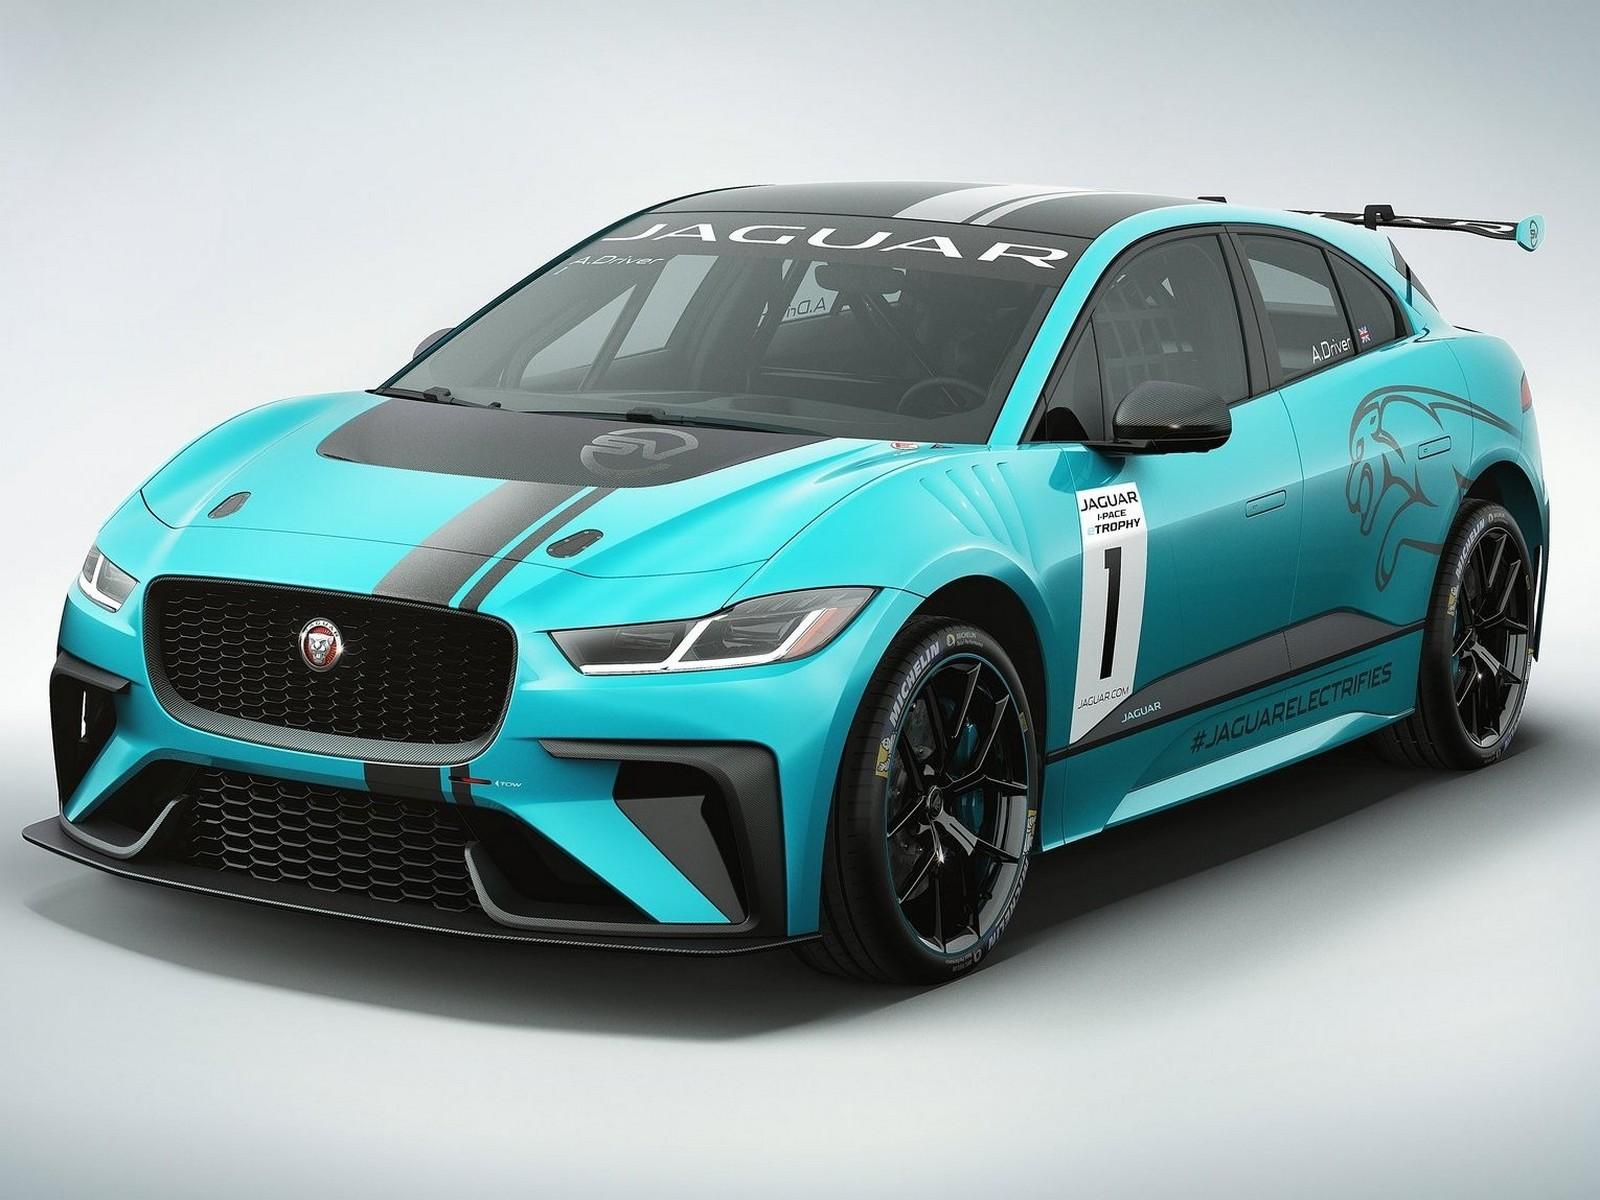 Jaguar I-Pace eTrophy Racecar 2018 – Le crossover électrique